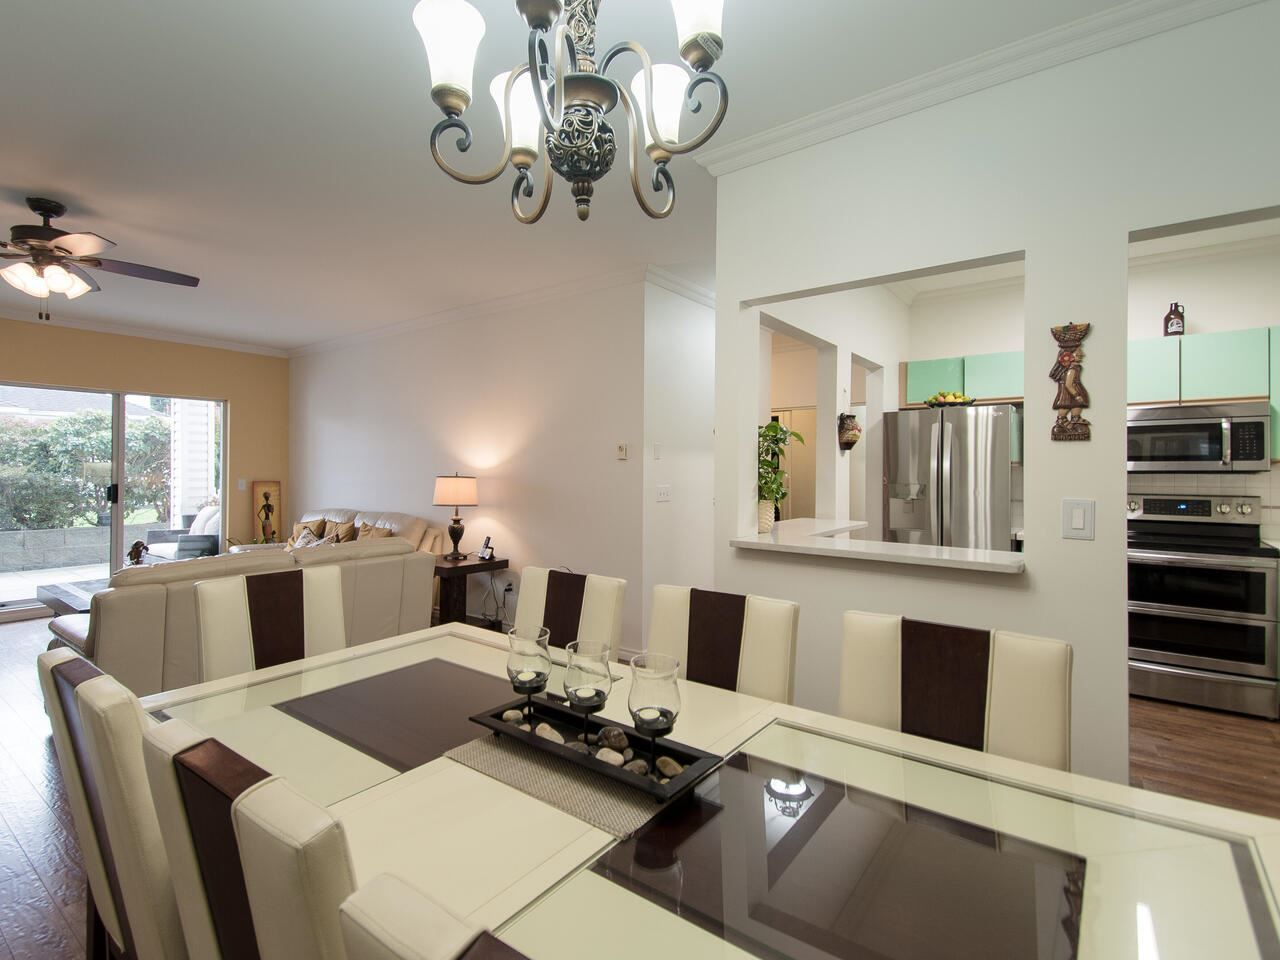 Photo 12: Photos: 108 13918 72 Avenue in Surrey: East Newton Condo for sale : MLS®# R2538723